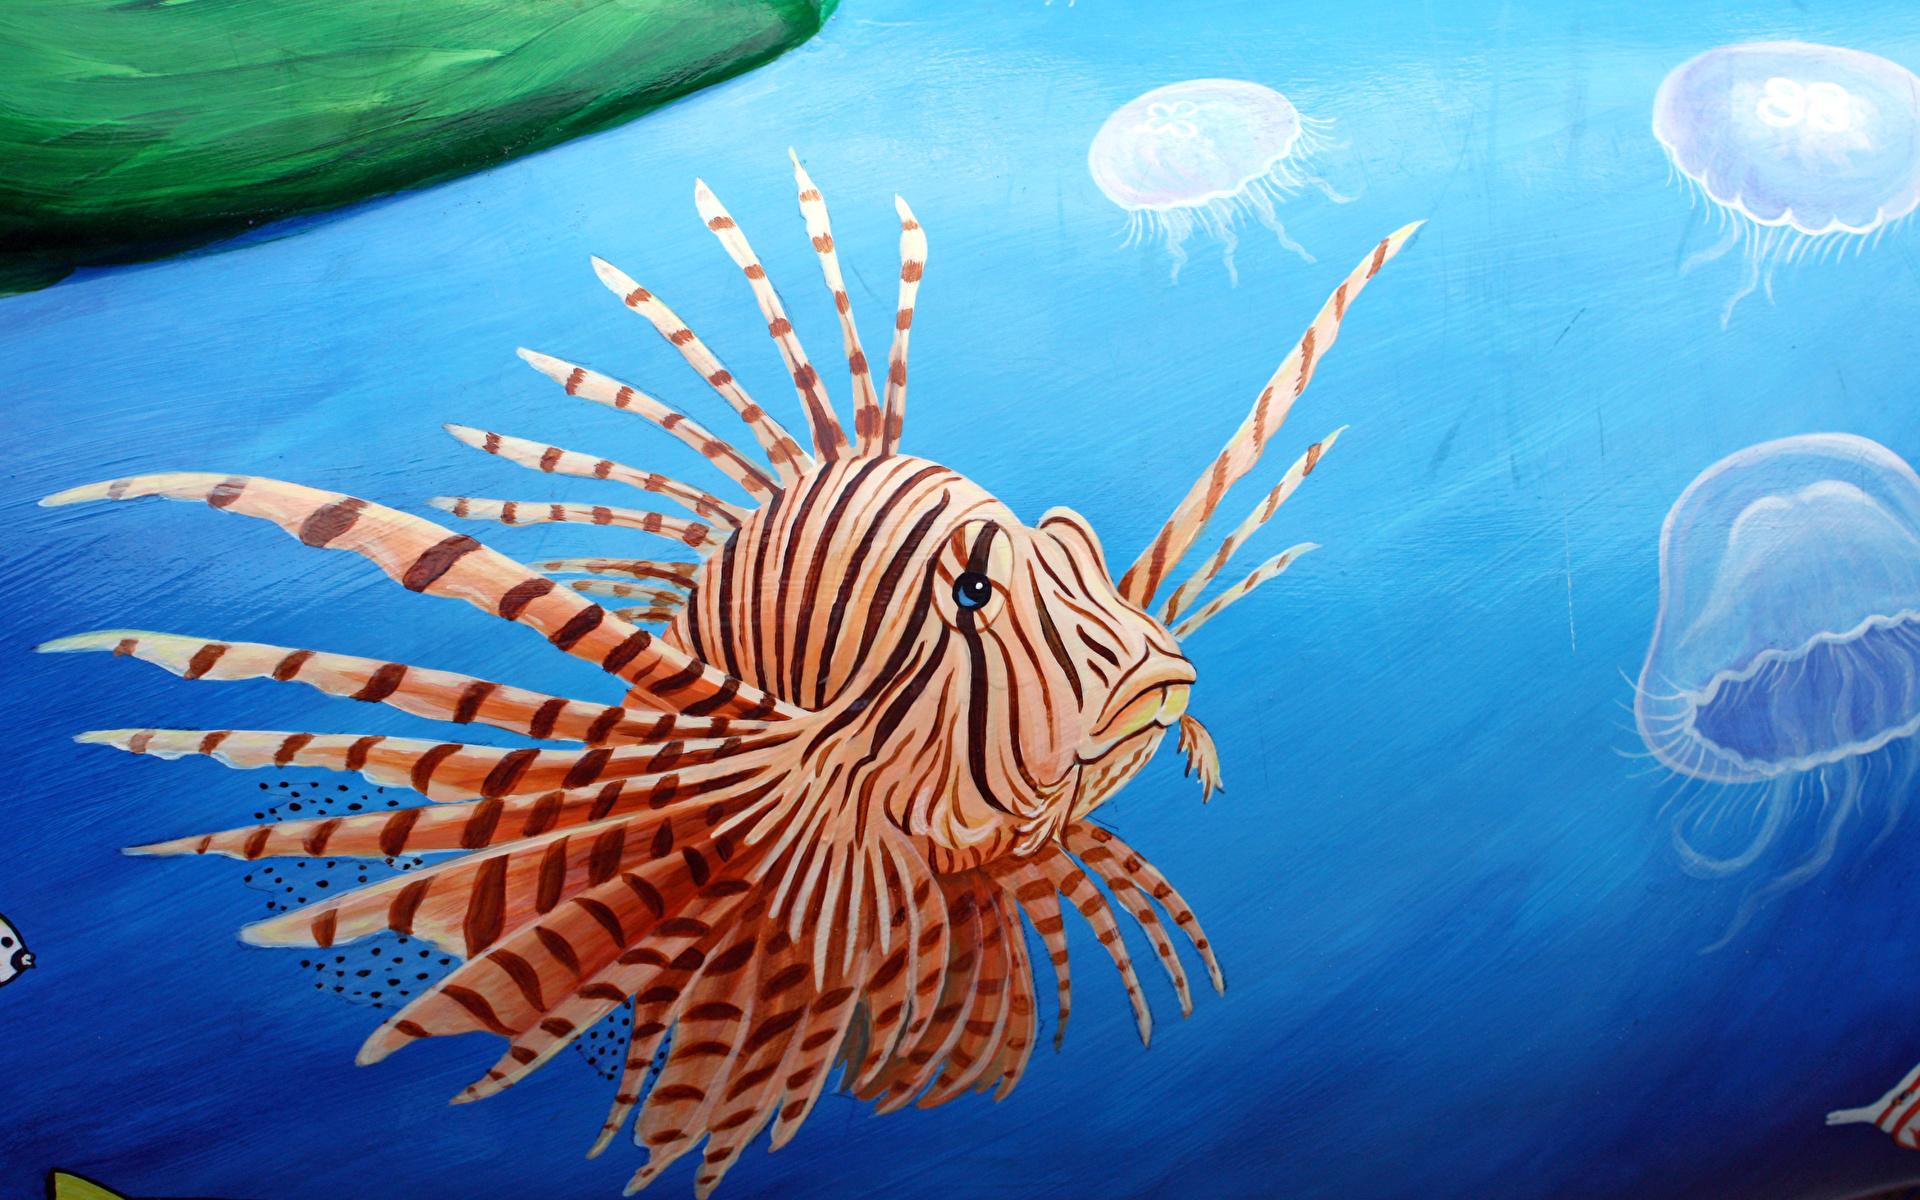 Картинка крылатка Рыбы Подводный мир Животные Рисованные 1920x1200 Крылатки животное